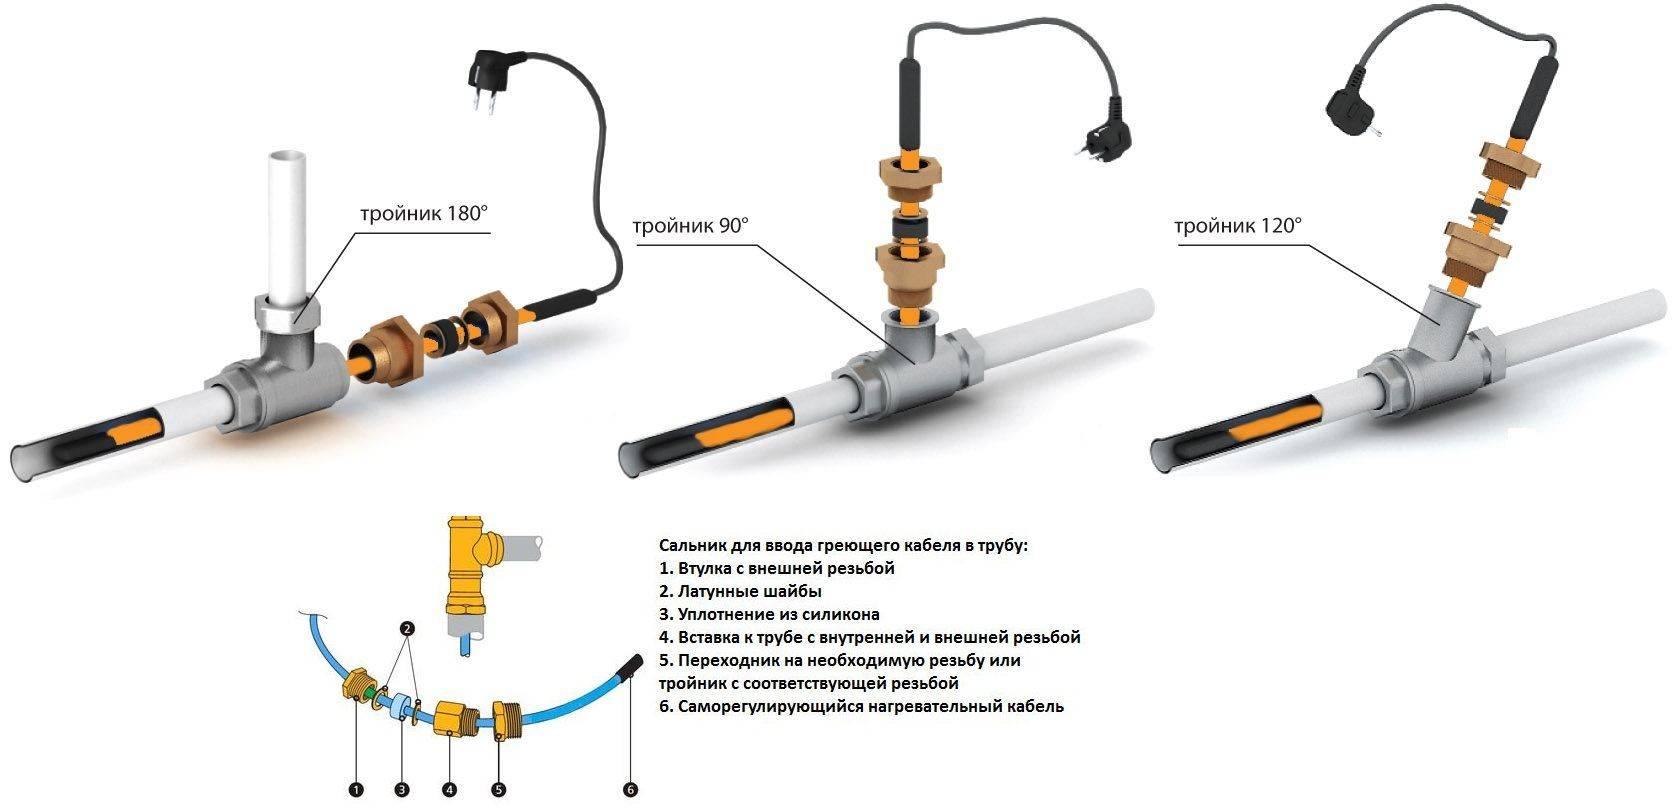 Как подключить греющий кабель для водопровода - пошаговая инструкция